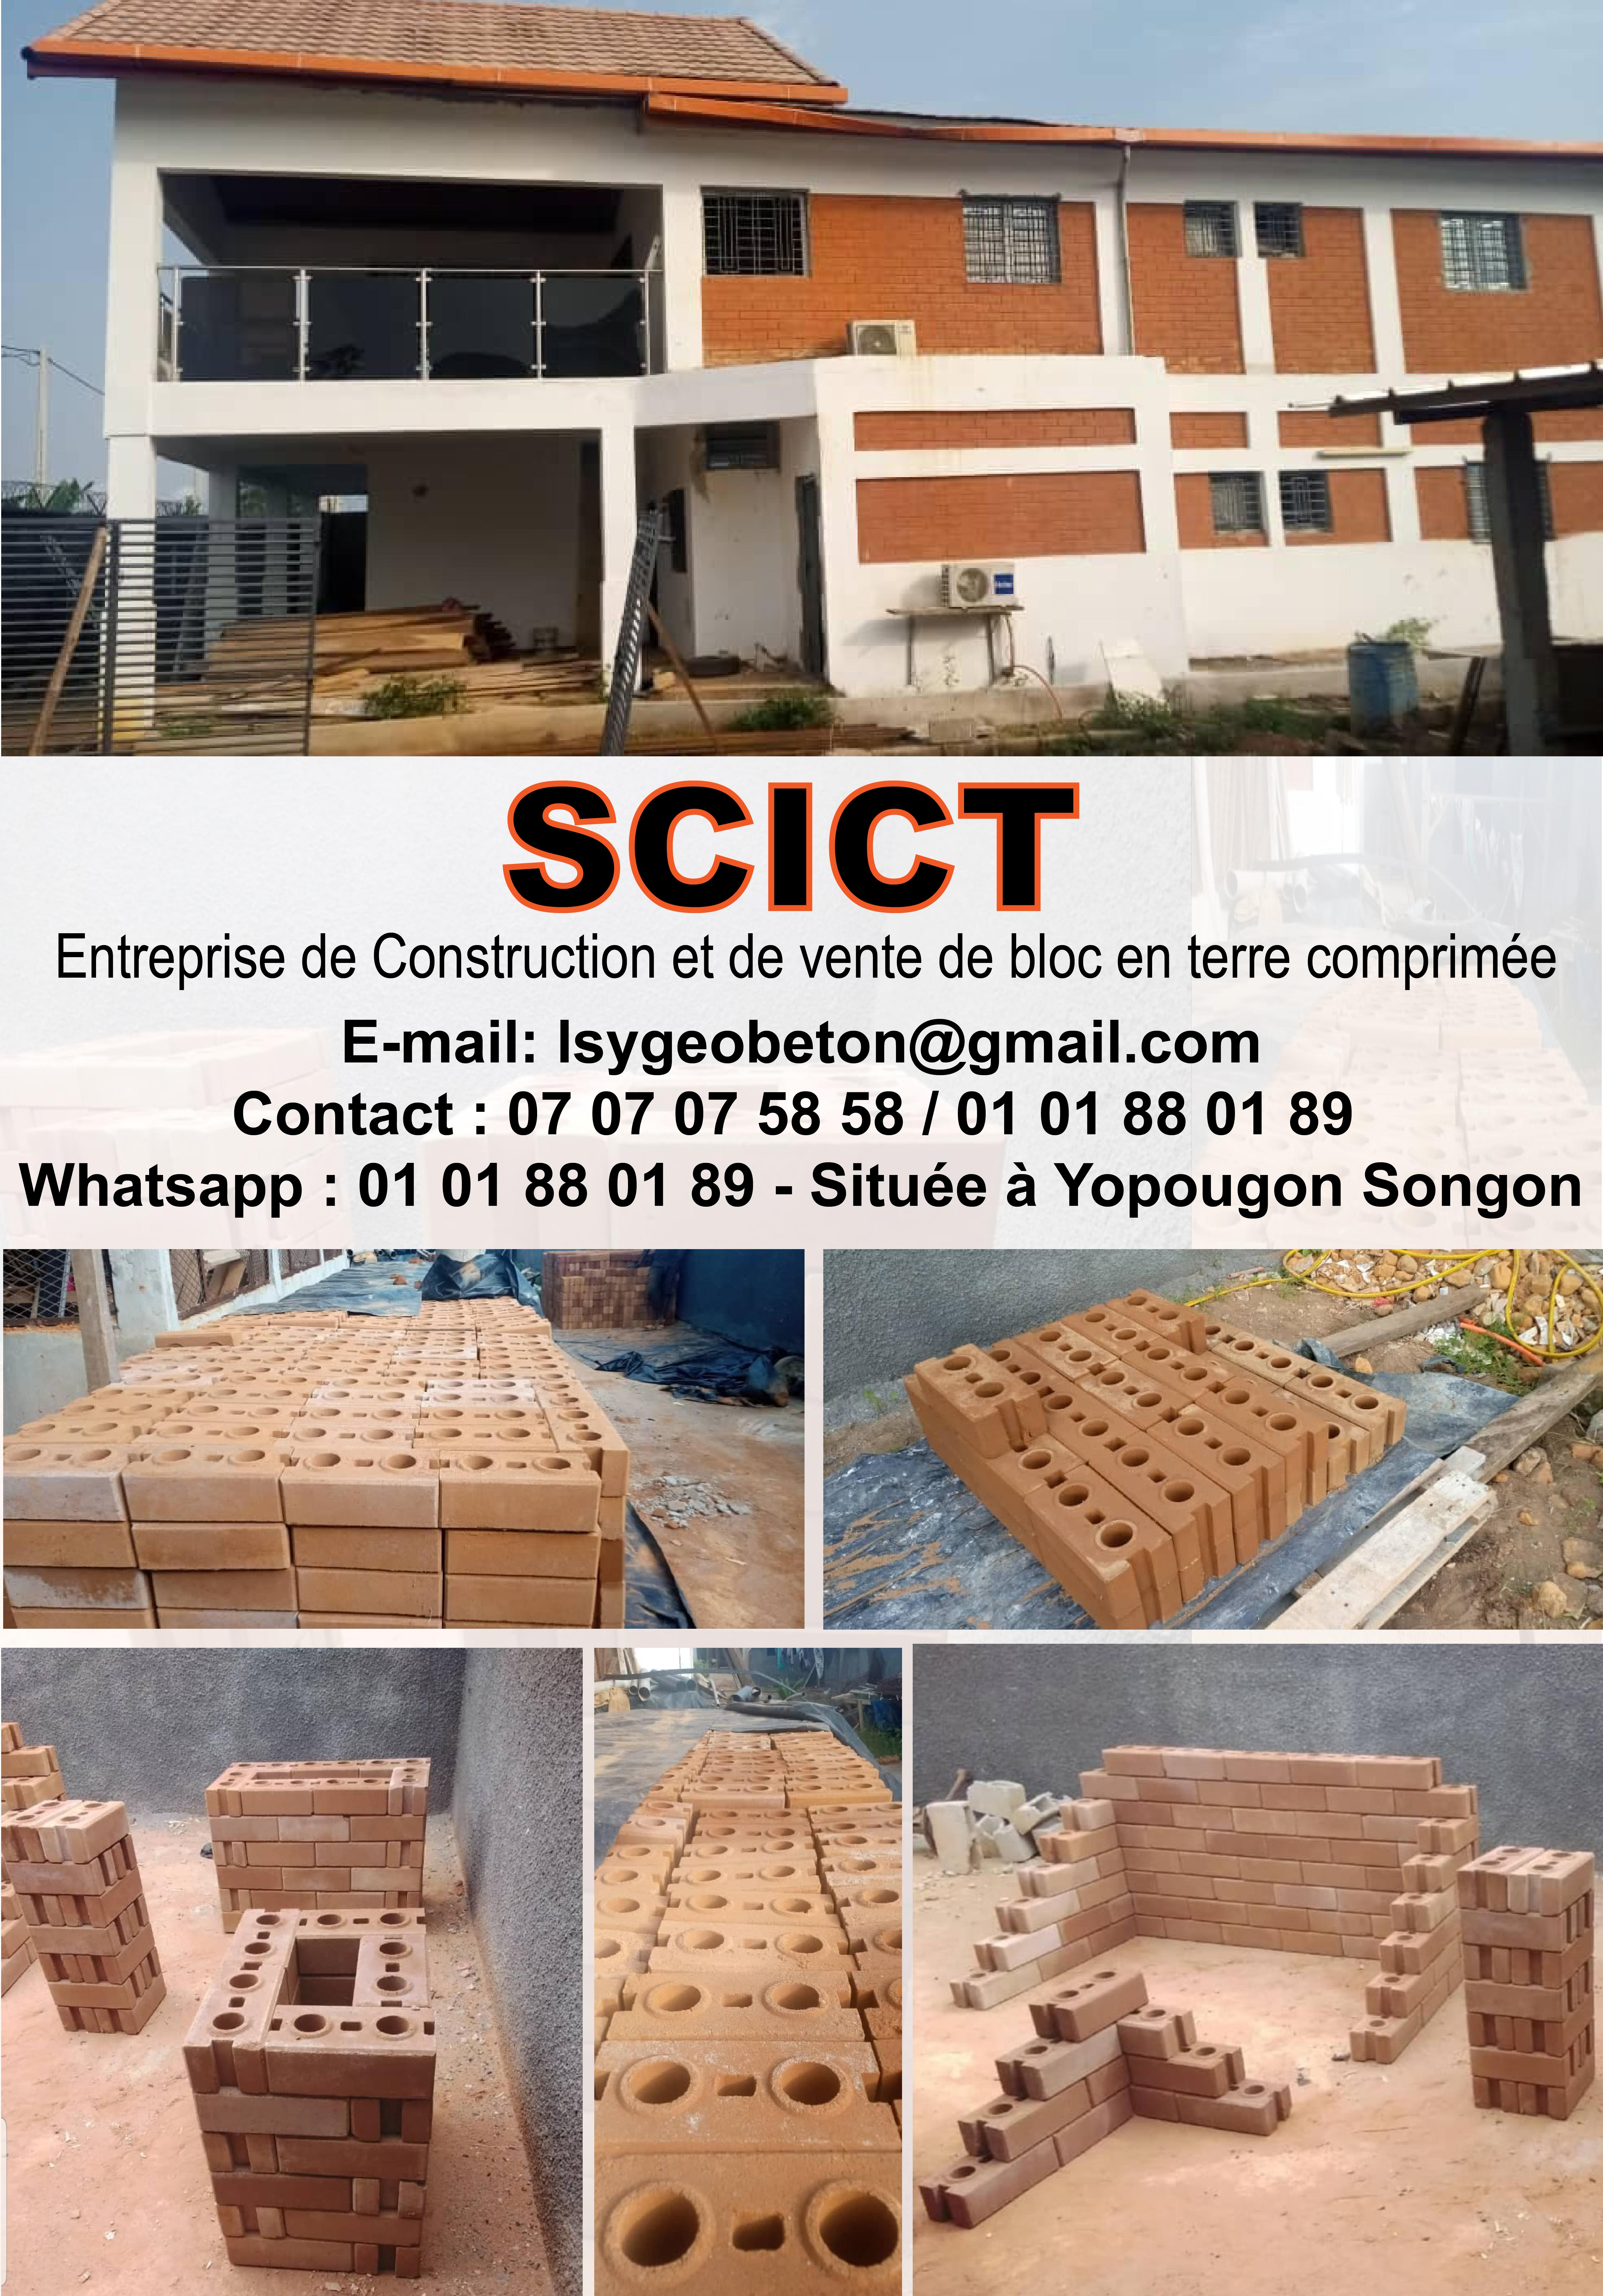 PUB ICI SCICT_Plan de travail 1